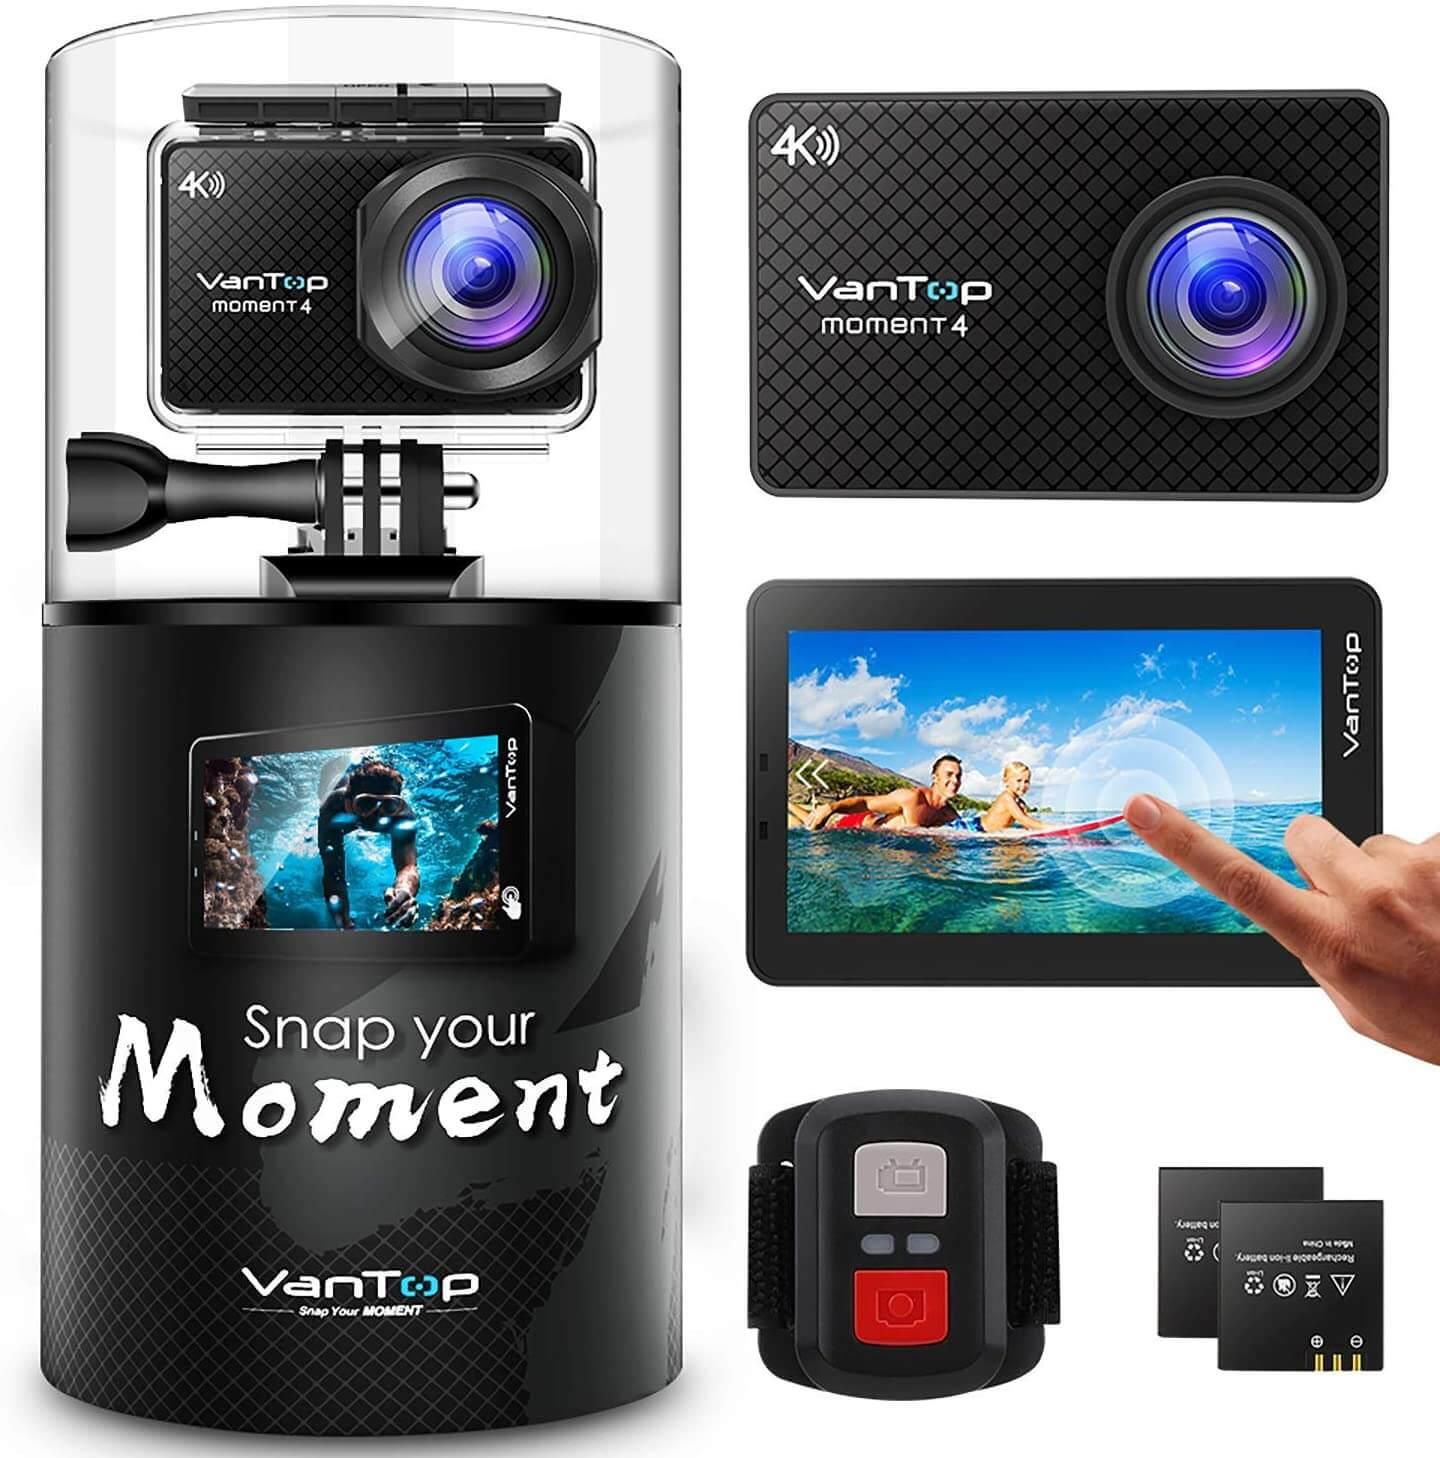 VanTop 4K Action Camera